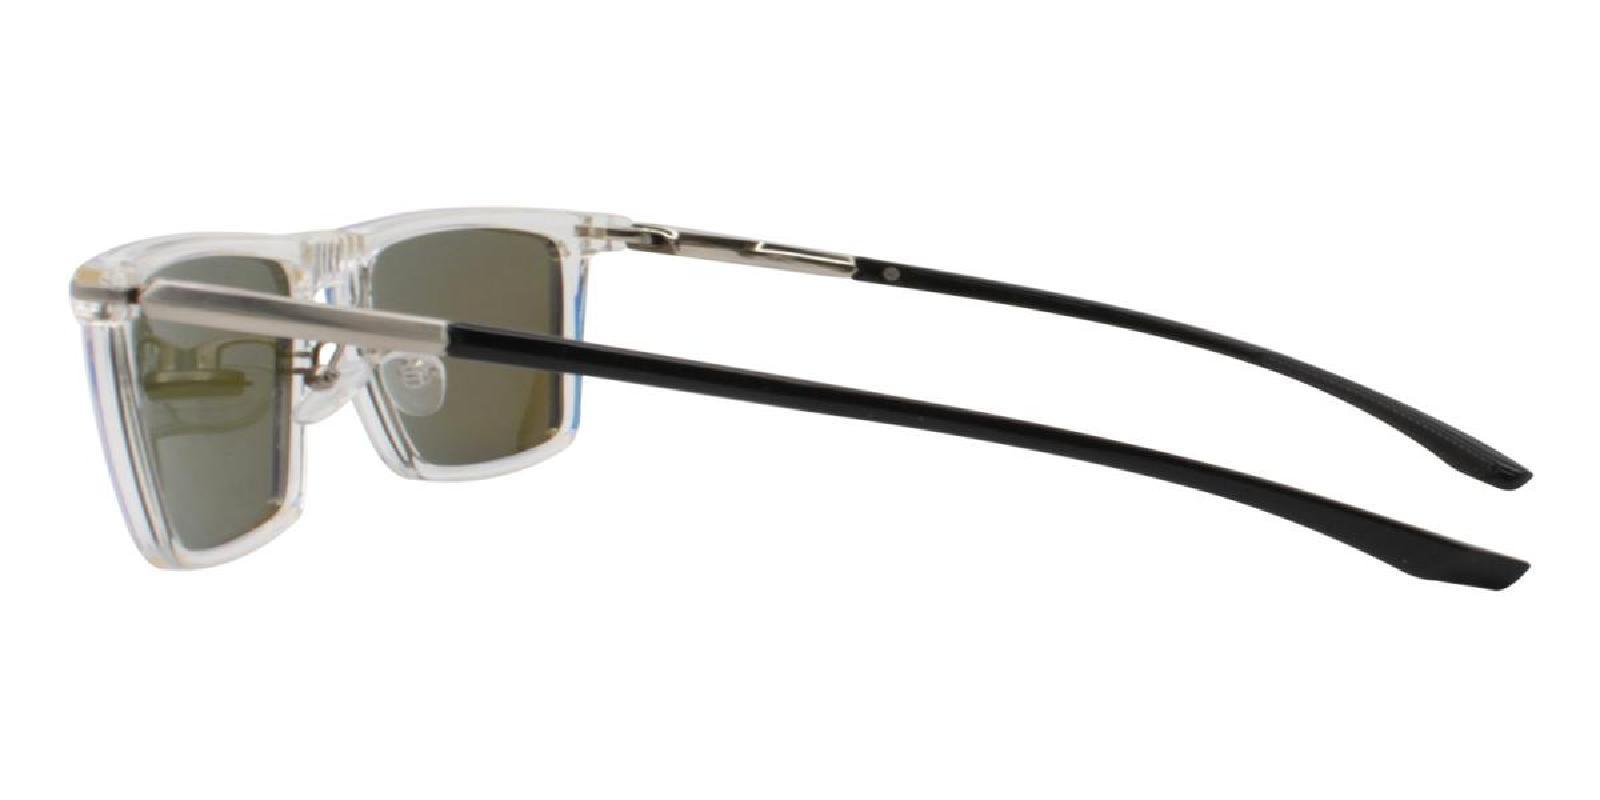 Bogota-Translucent-Square-Combination / Metal / TR-Sunglasses-additional3